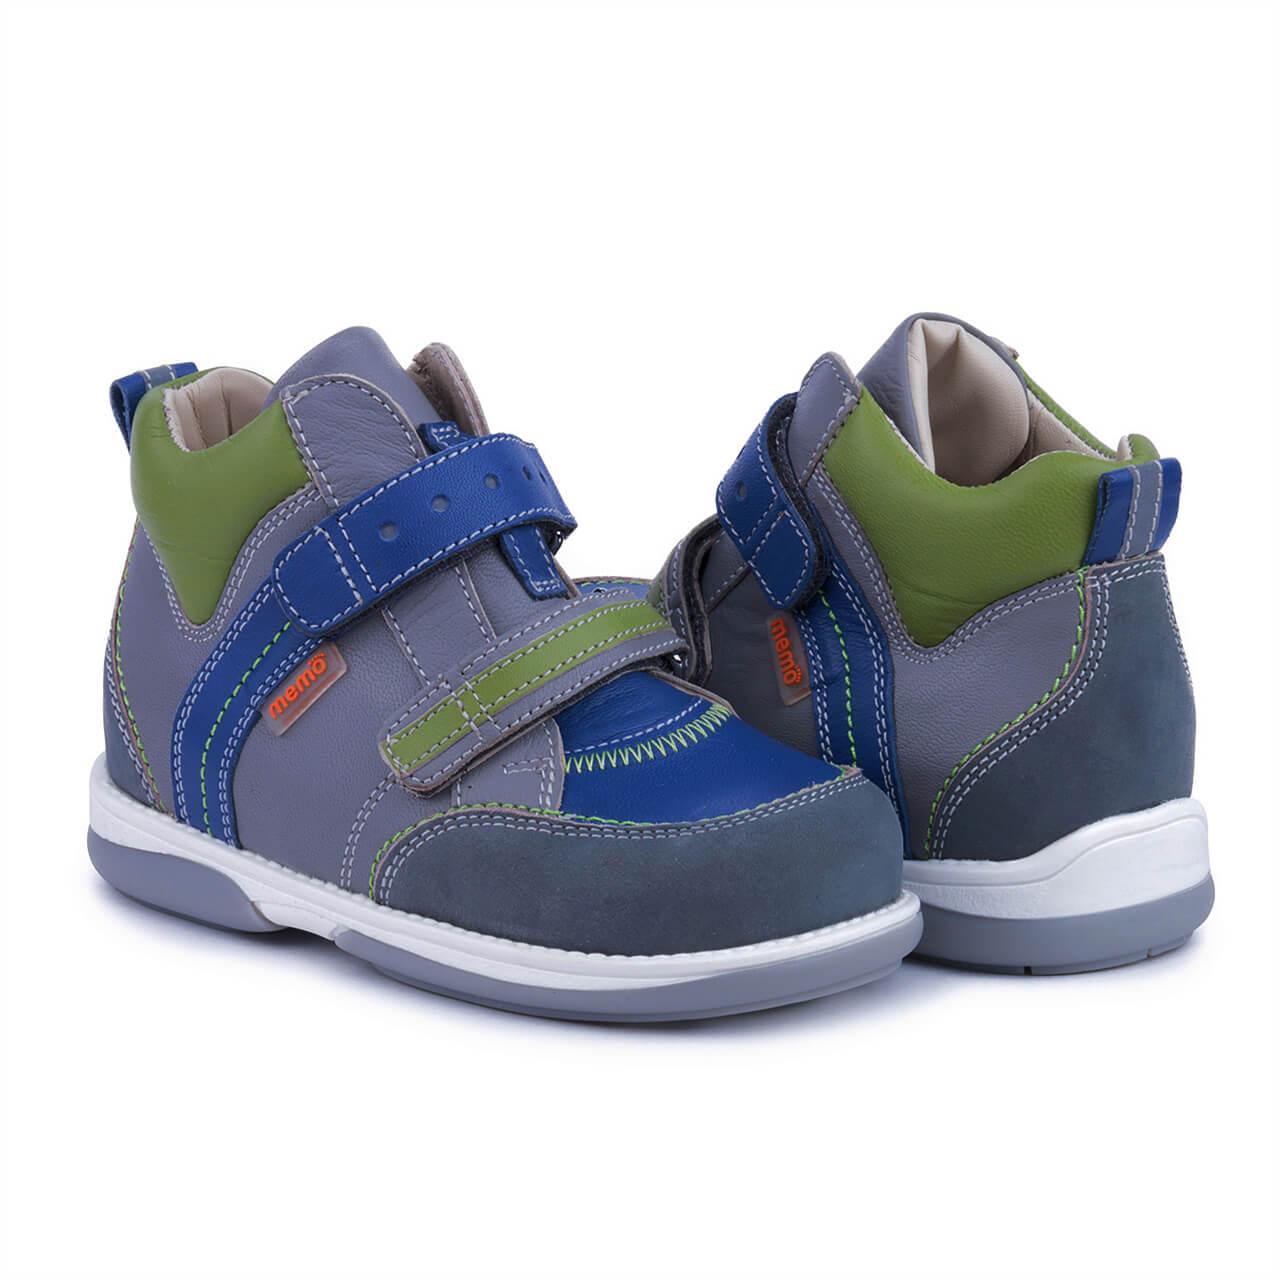 Memo Polo Junior Серый Синий Зеленый - Ортопедические кроссовки для детей 30